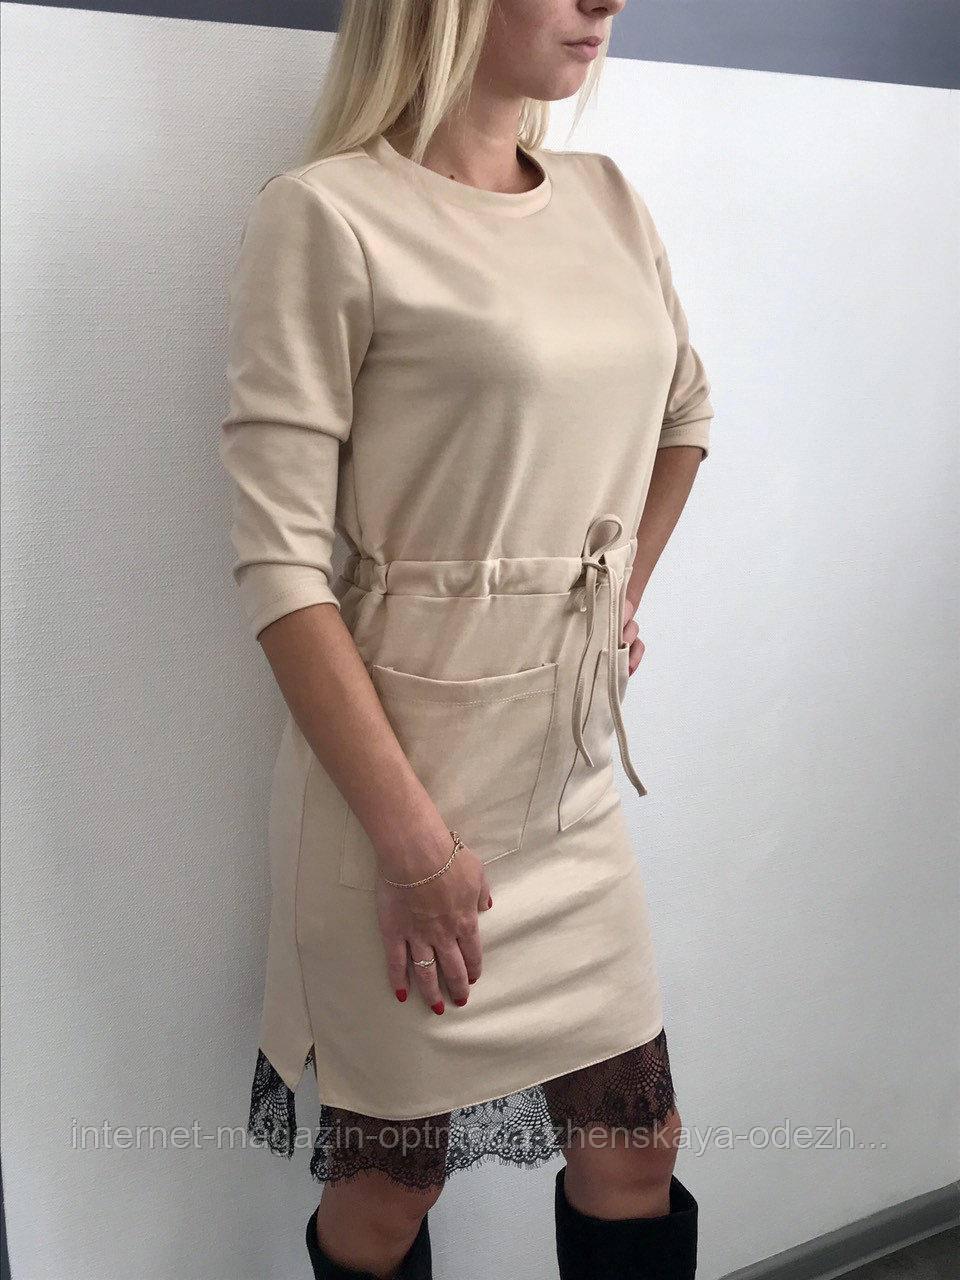 Модное платье из французского трикотажа украшено кружевом, размеры: 42, 44, 46, 48, черный, серый, св.бежевый